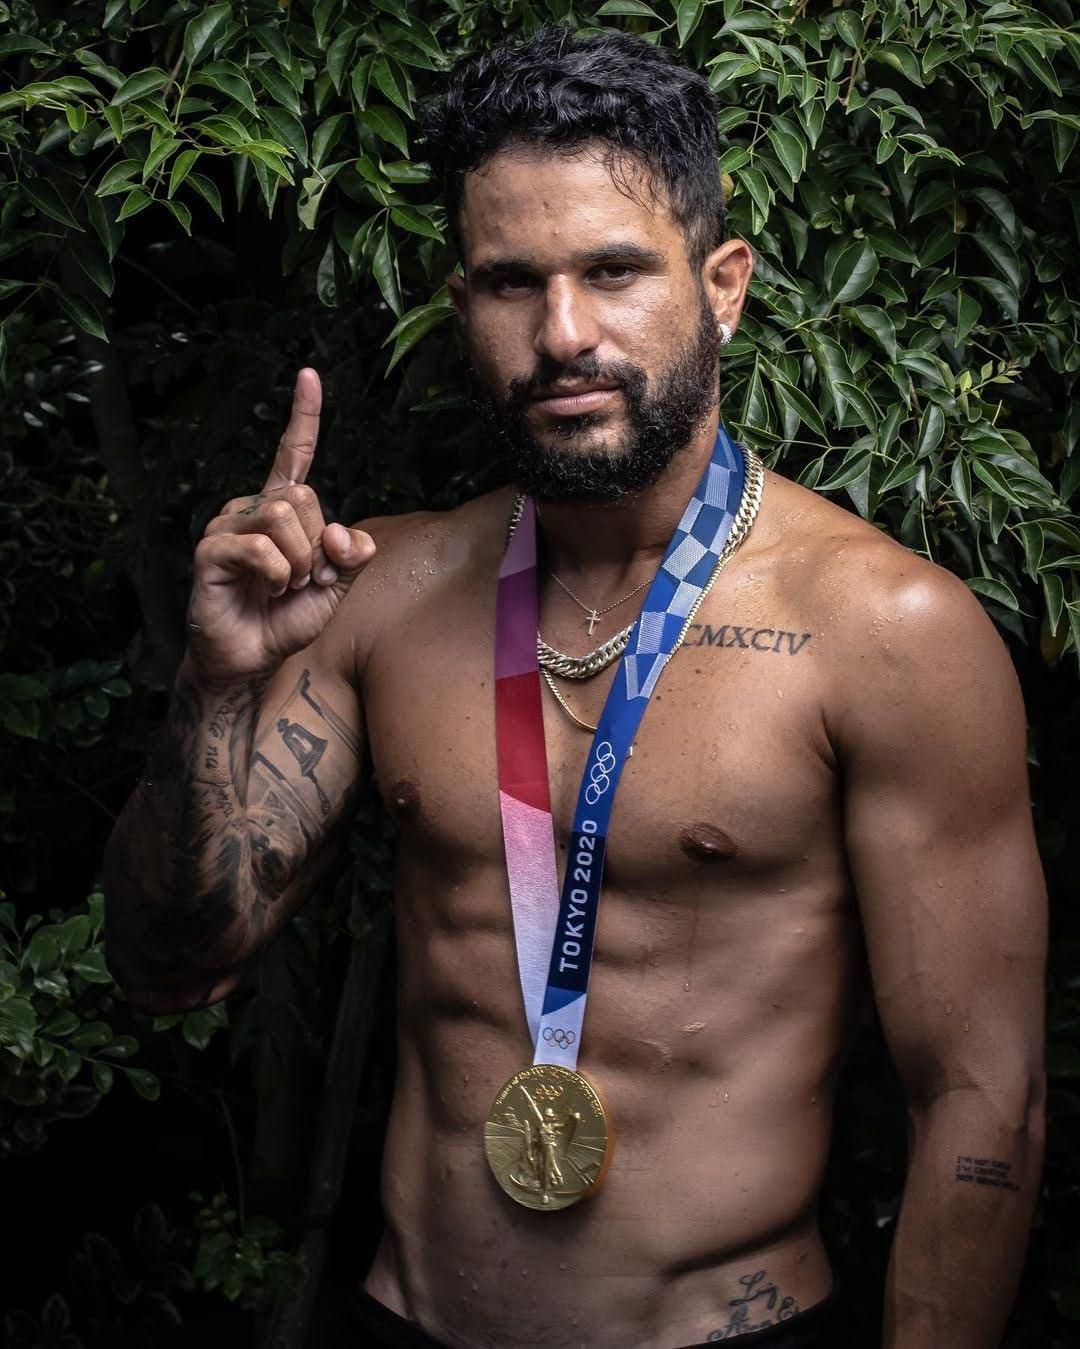 Ouro no surfe, Italo Ferreira posa para ensaio com a medalha olímpica